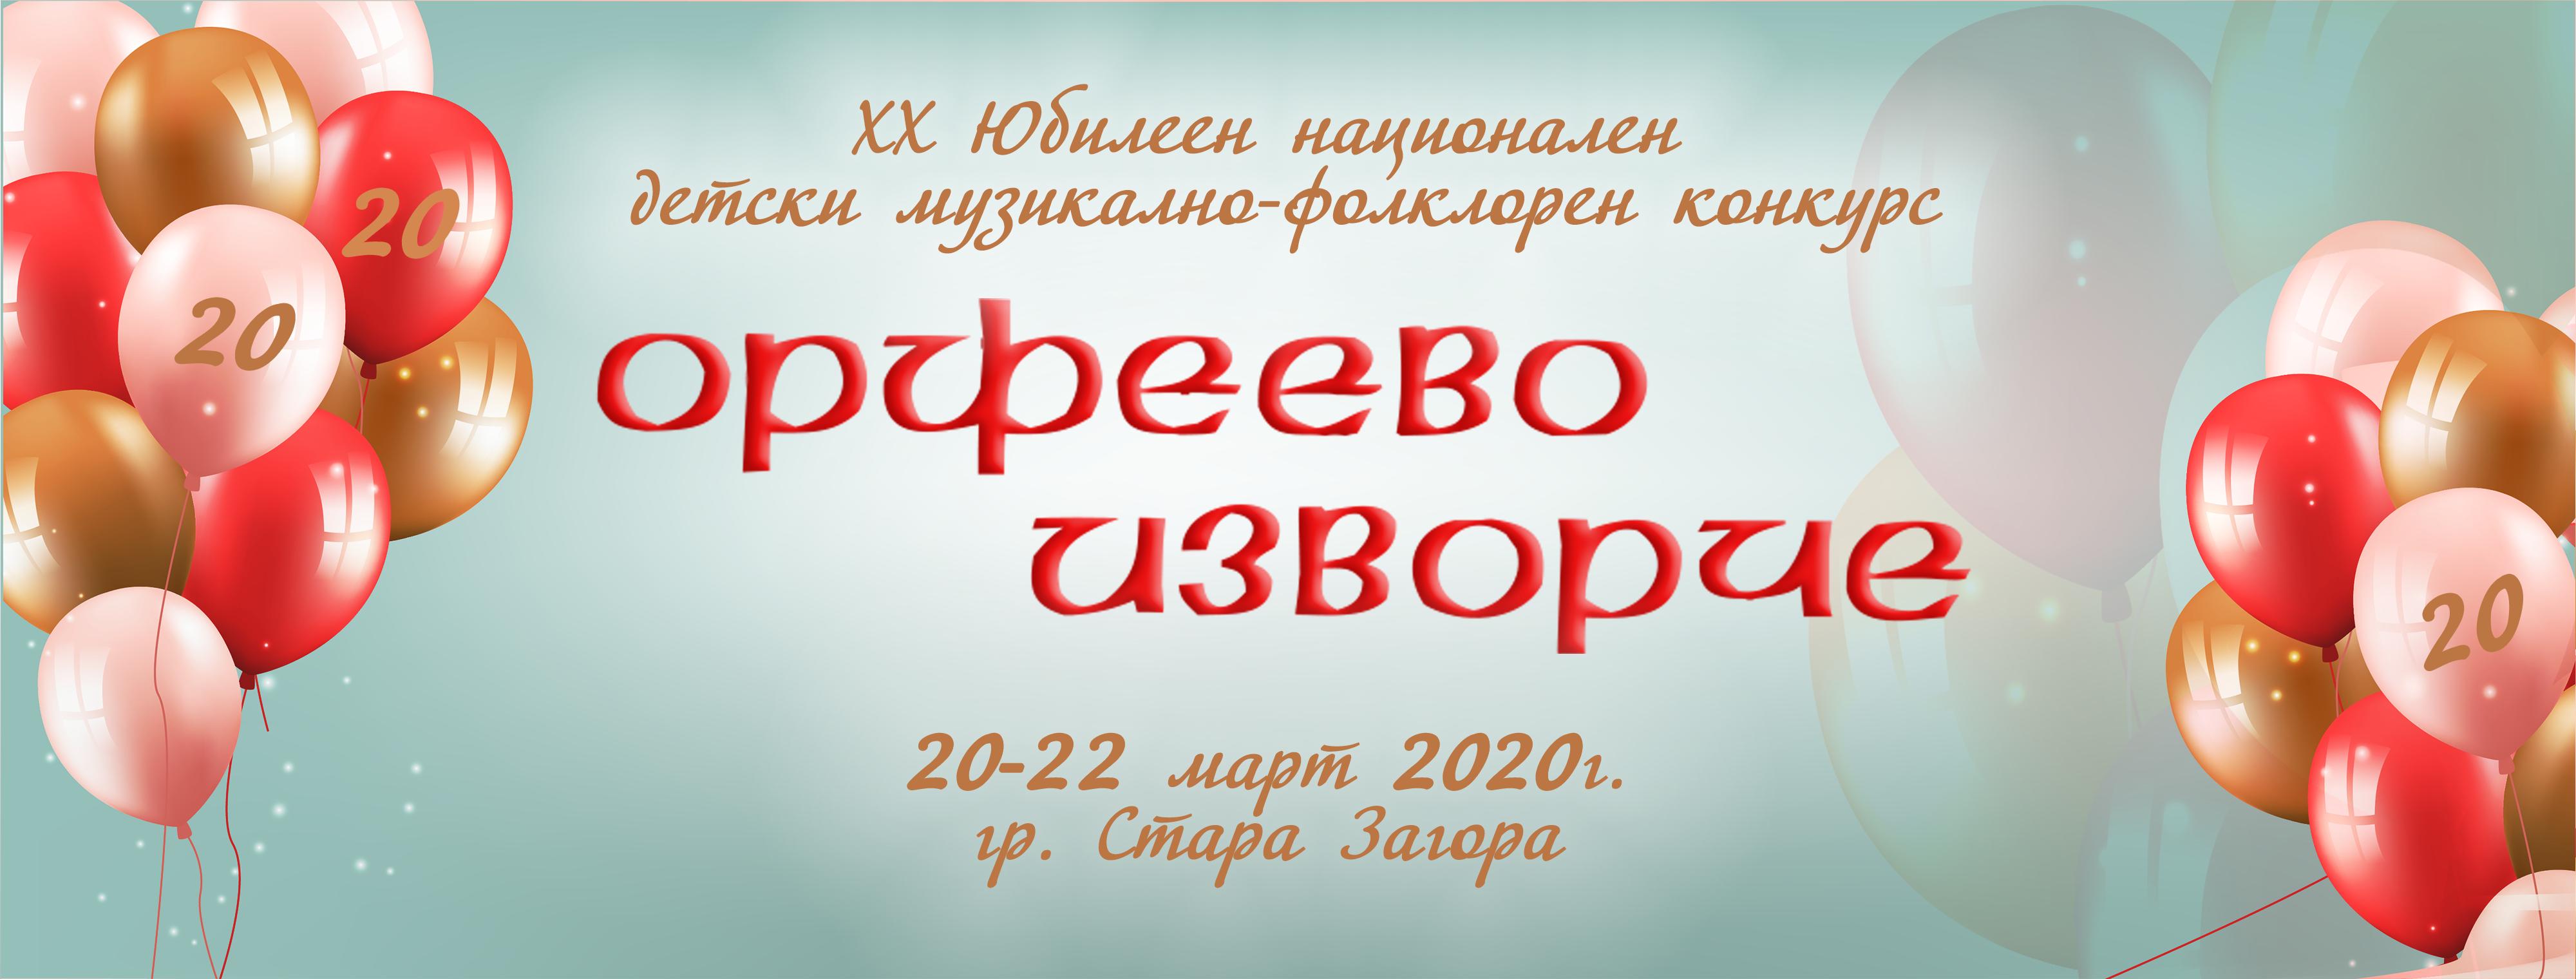 20 години орфеево изворче